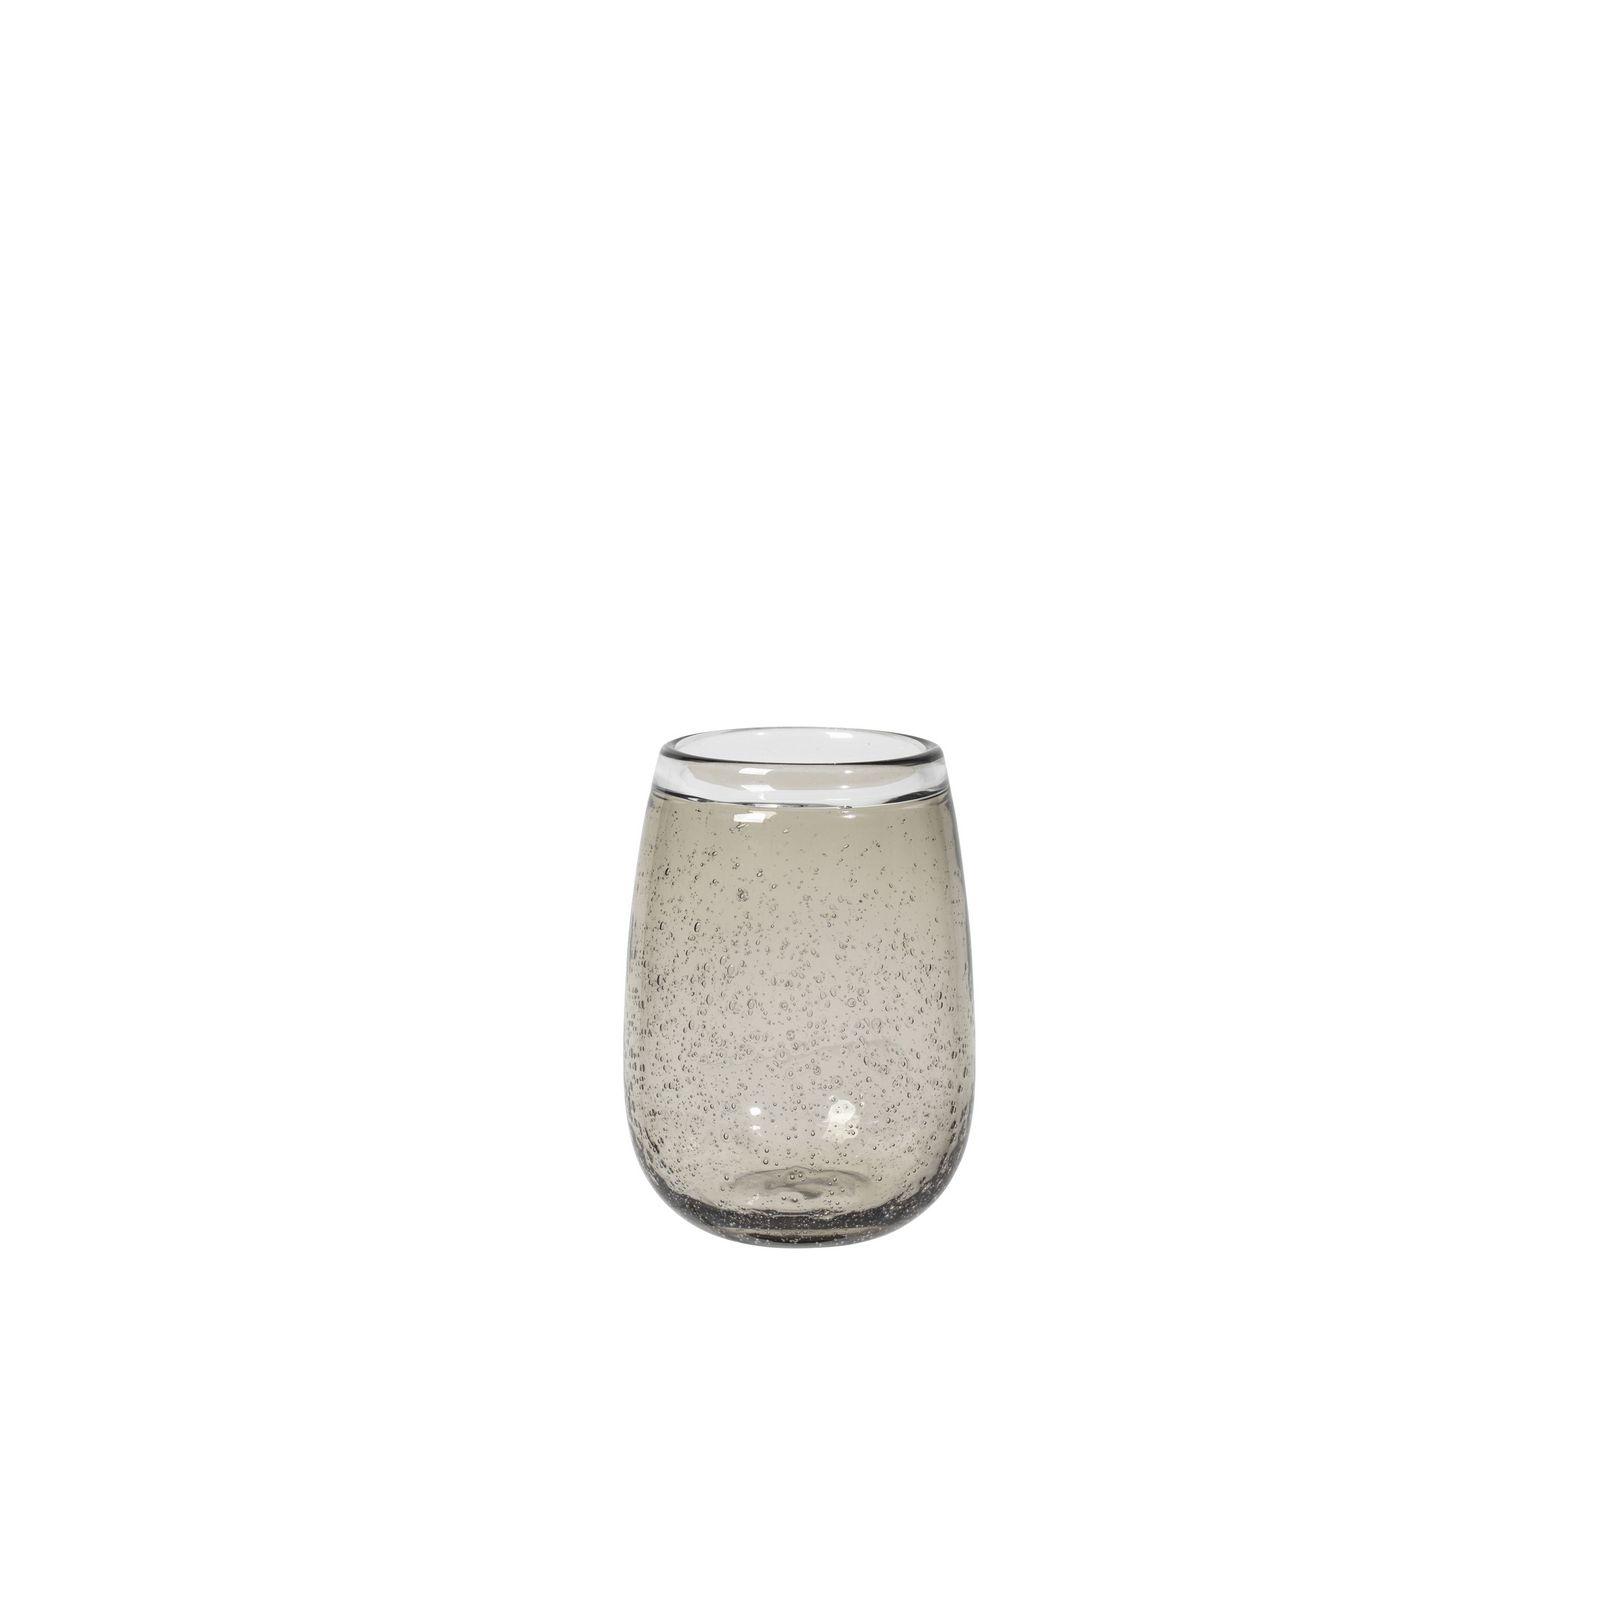 Ваза Broste Ellis, цвет: прозрачный, коричневый, высота 19 см. 14496040